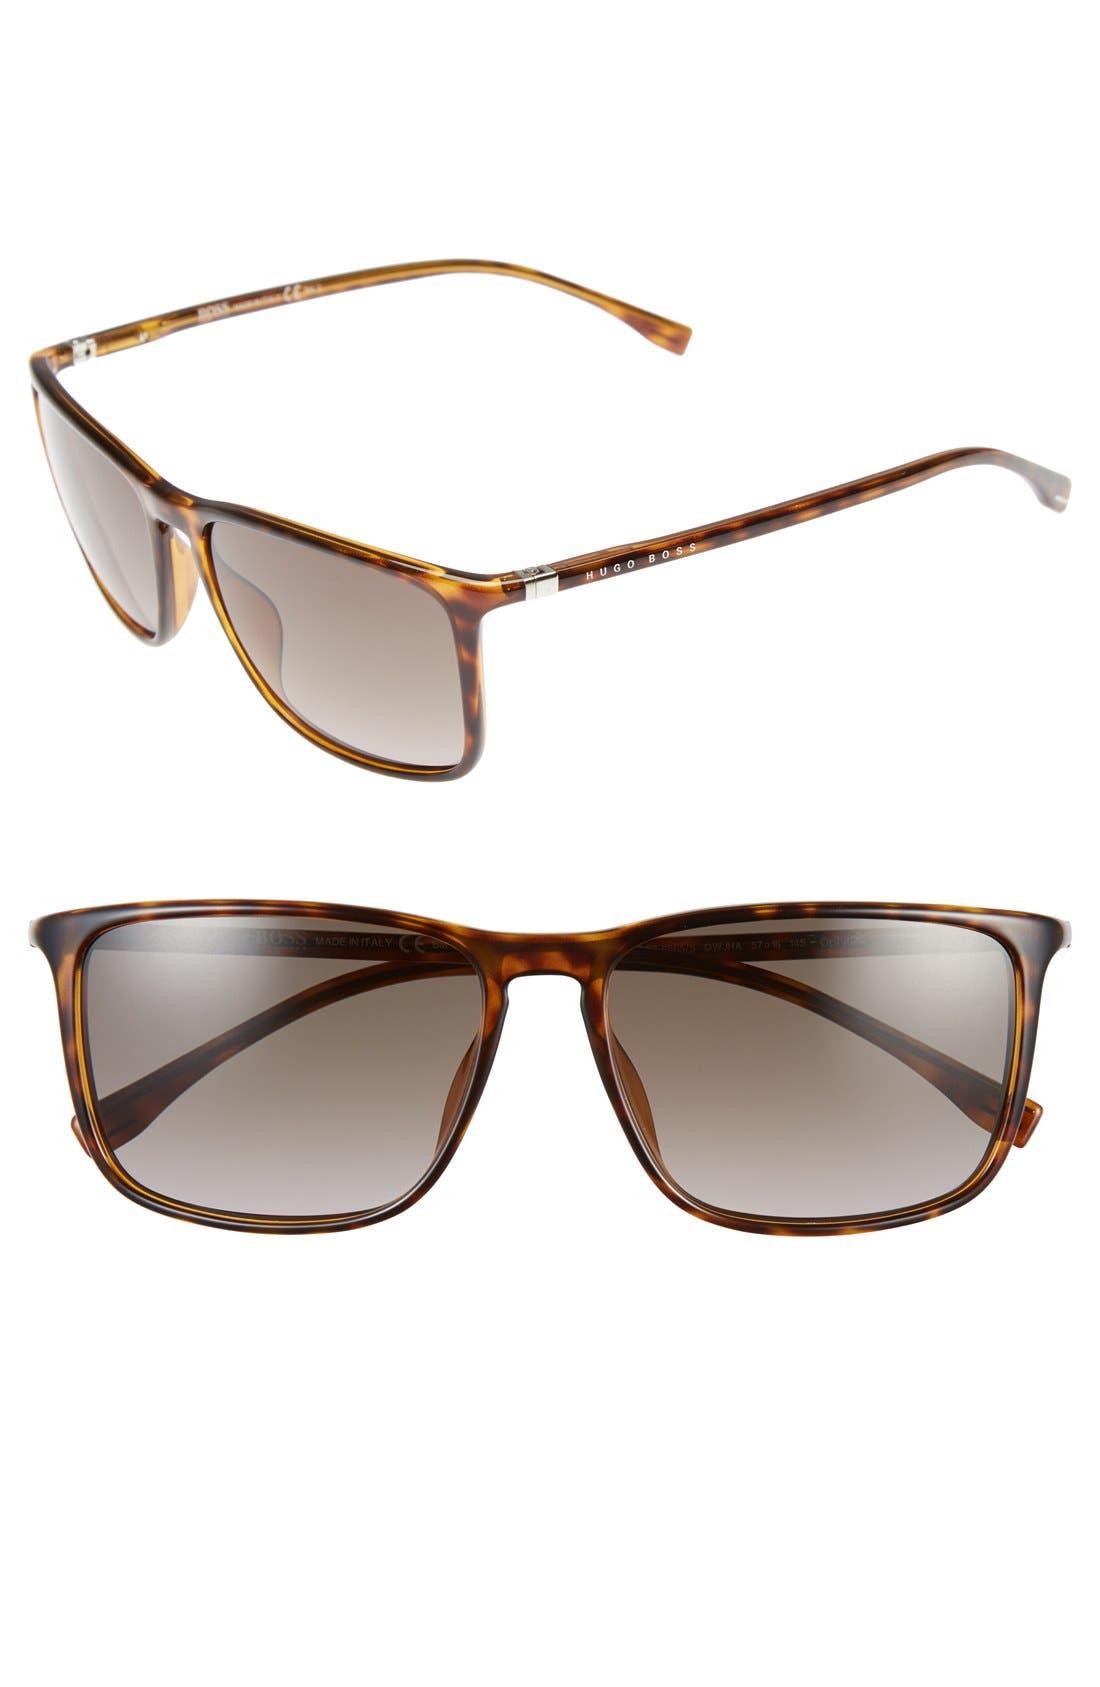 57mm Retro Sunglasses,                         Main,                         color, 210